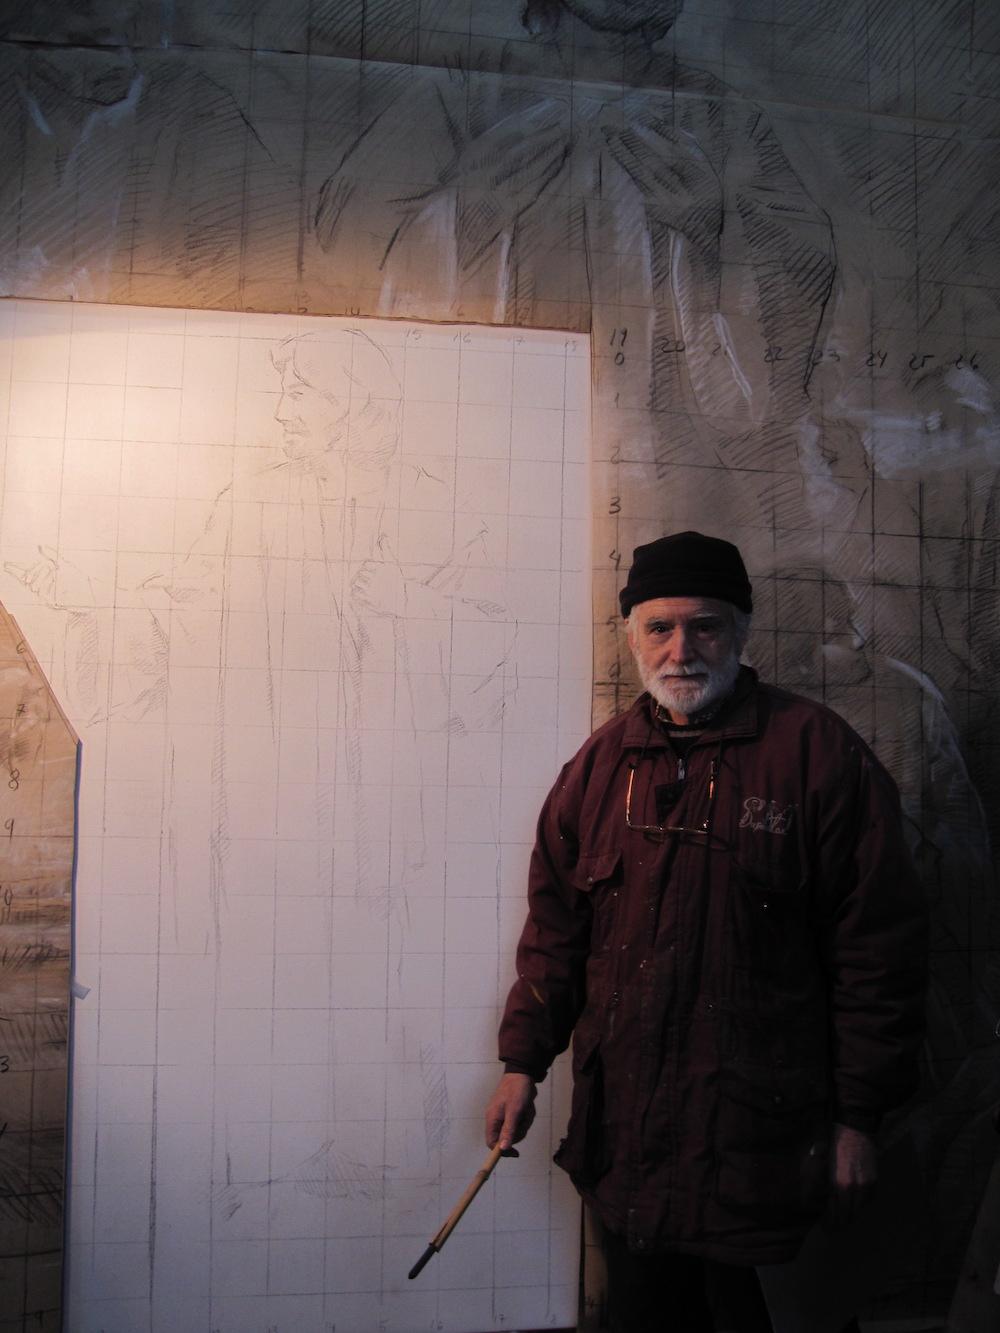 Tras realizar varios bocetos pequeños y medianos y otro a tamaño natural sobre papel marrón, Traver Calzada comienza a dibujar las primeras líneas en el lienzo.